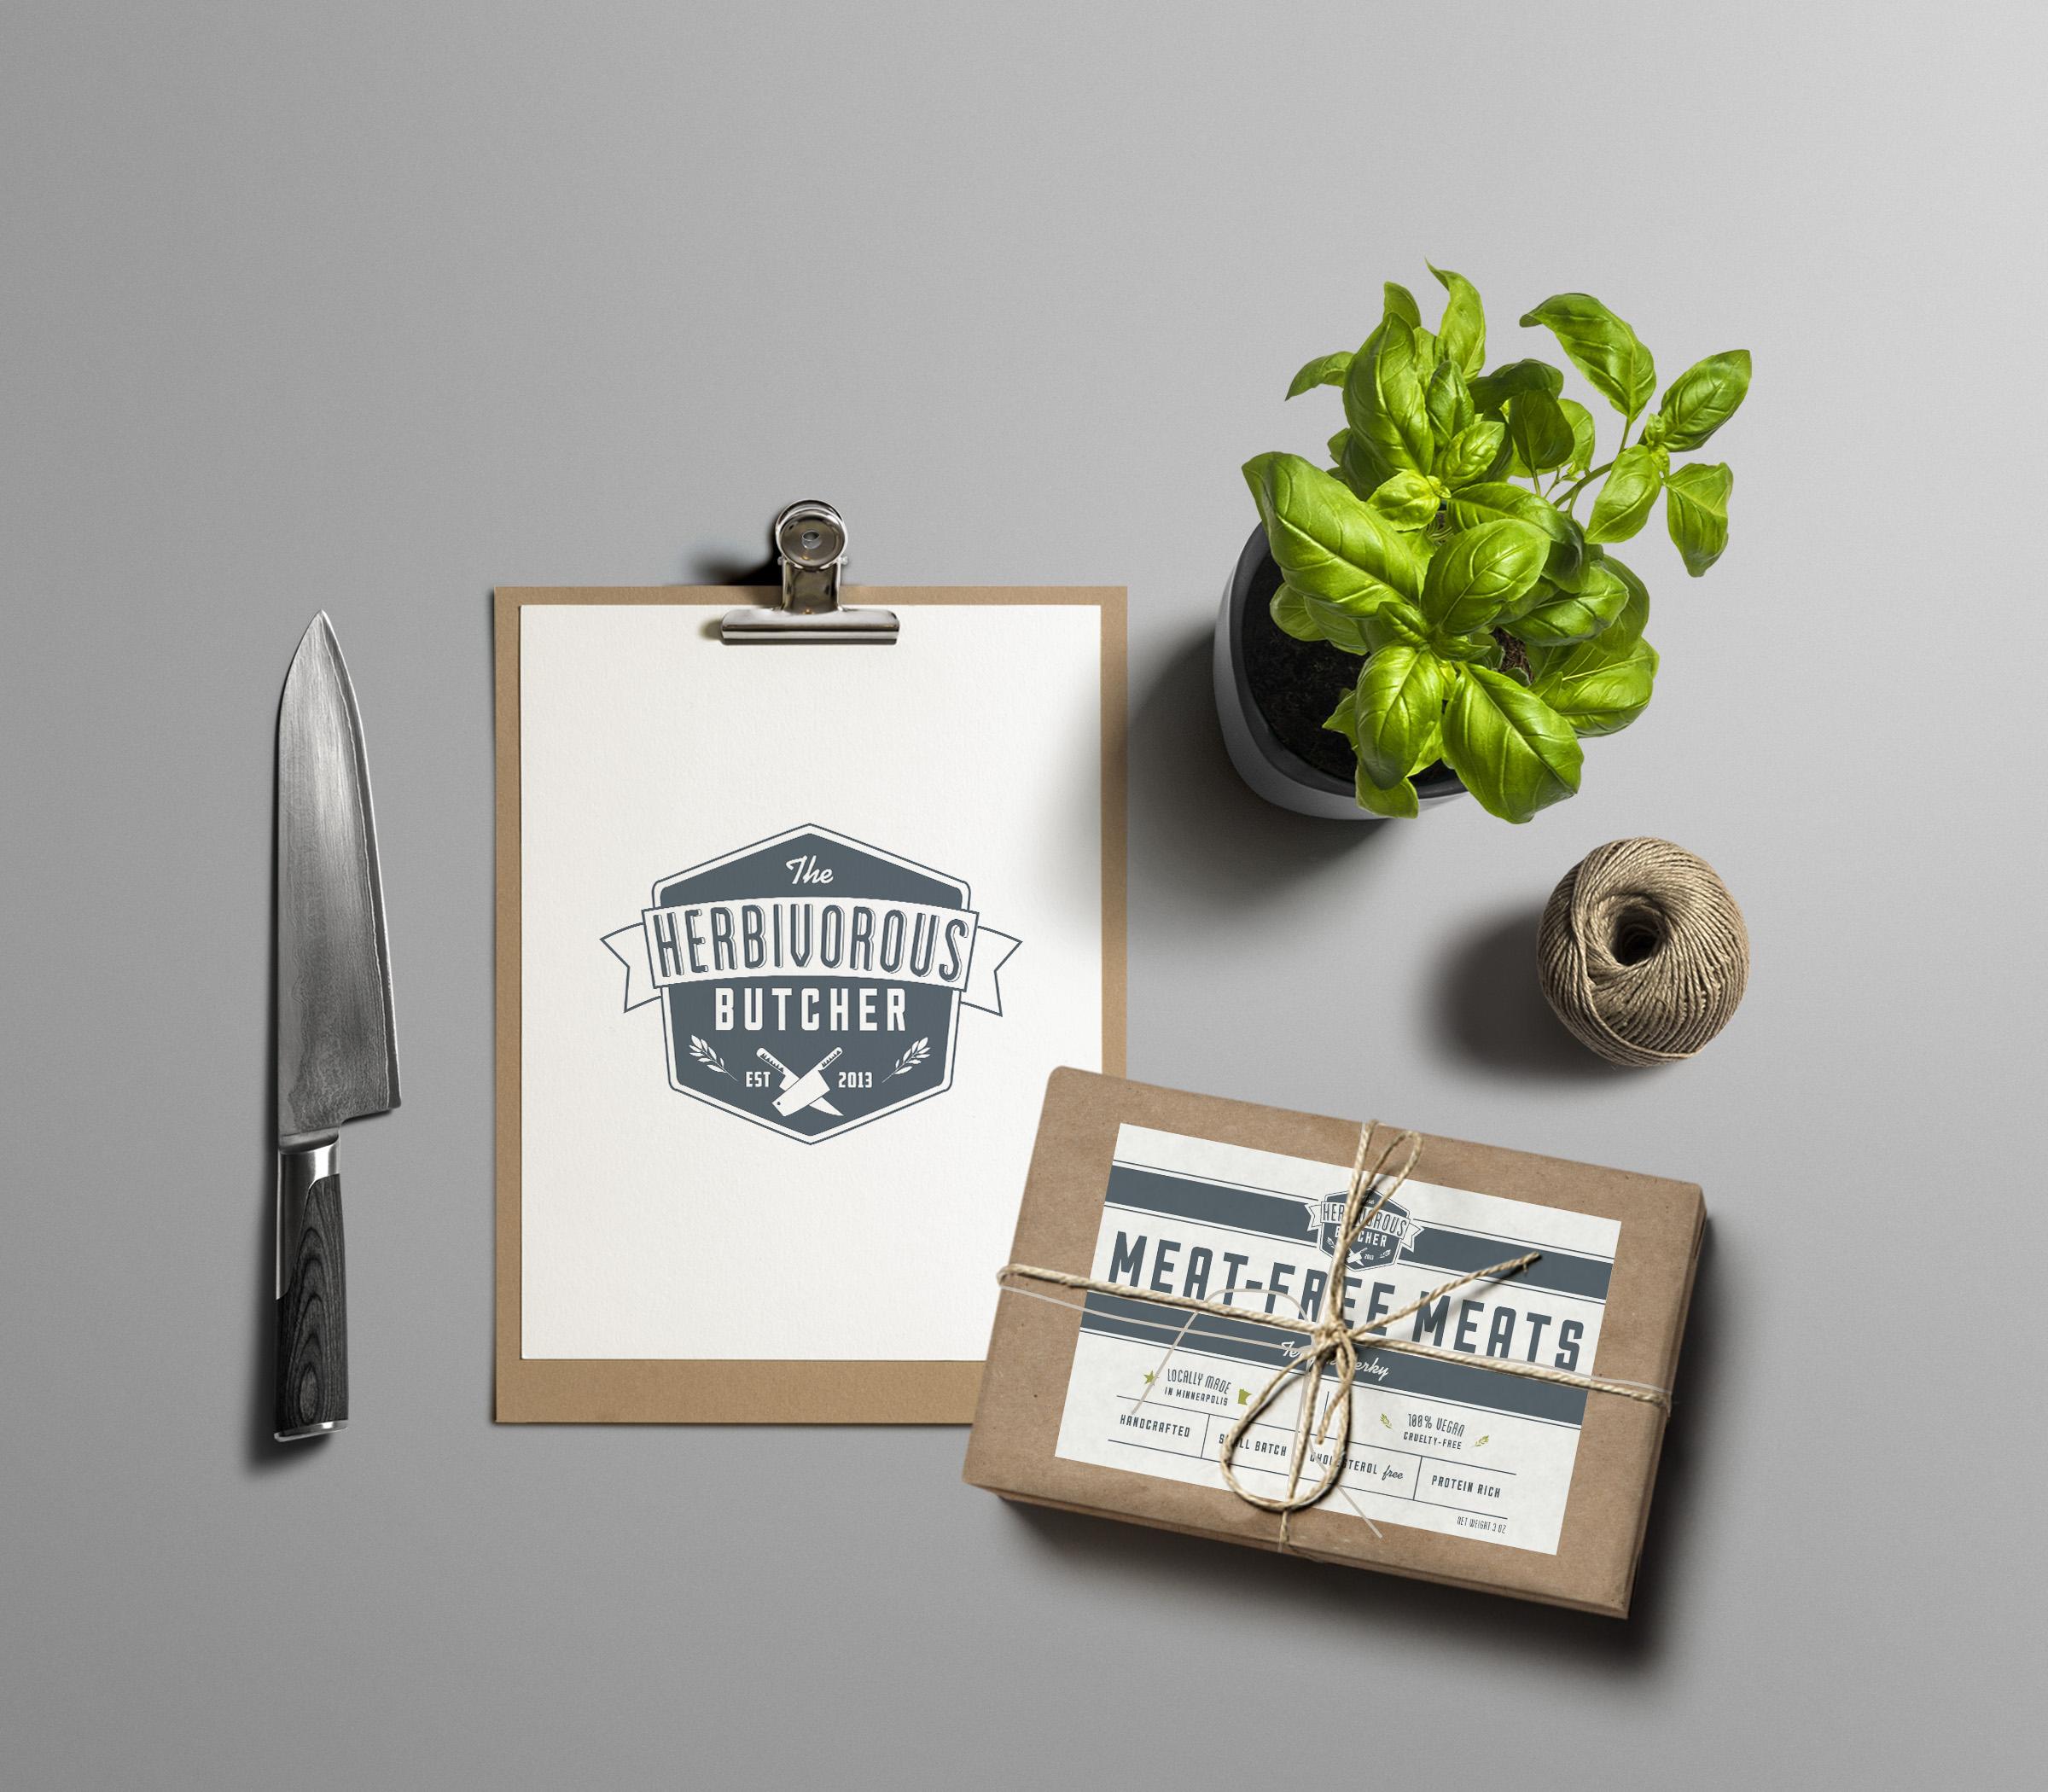 The Herbivorous Butcher Branding